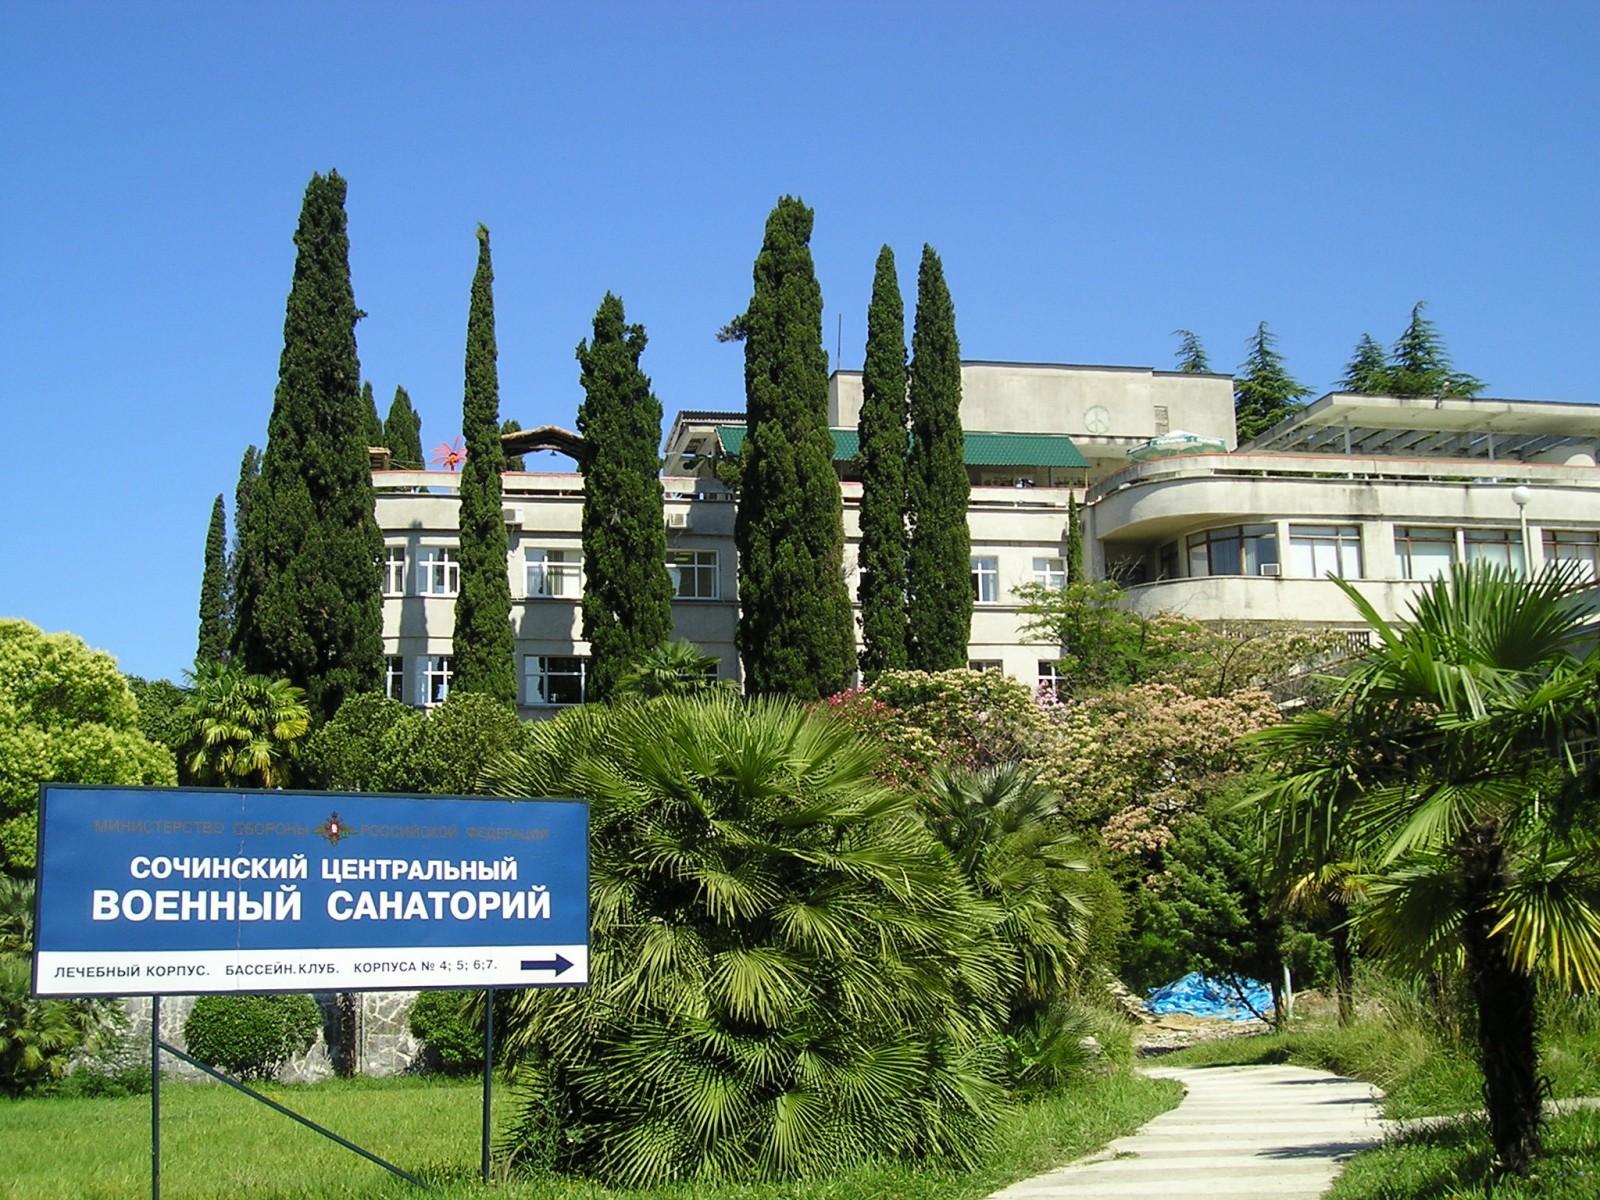 sanatorij-sochinskij